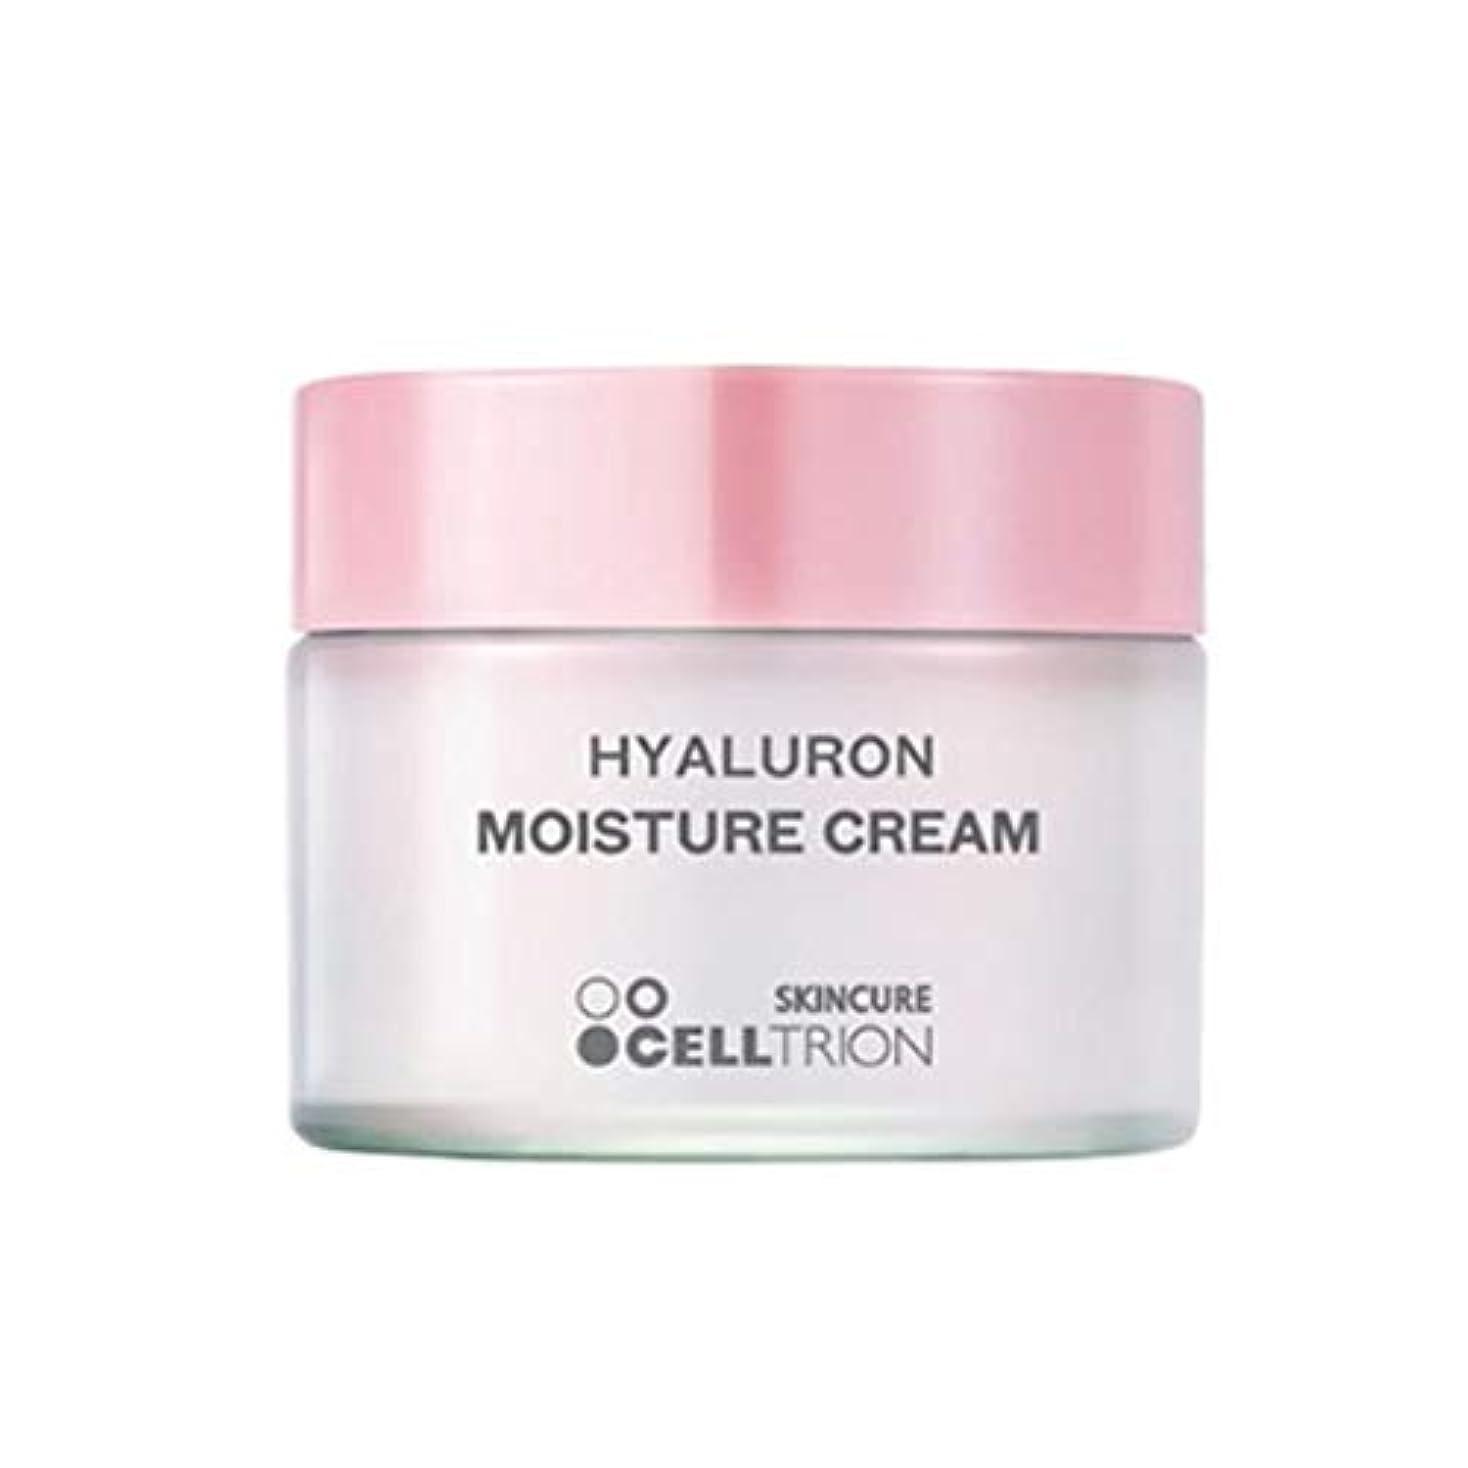 宣伝地中海声を出してセルトリオンスキンキュアヒアルロンモイスチャークリーム50gしわ改善、Celltrion Skincure Hyaluron Moisture Cream 50g Anti-Wrinkle [並行輸入品]